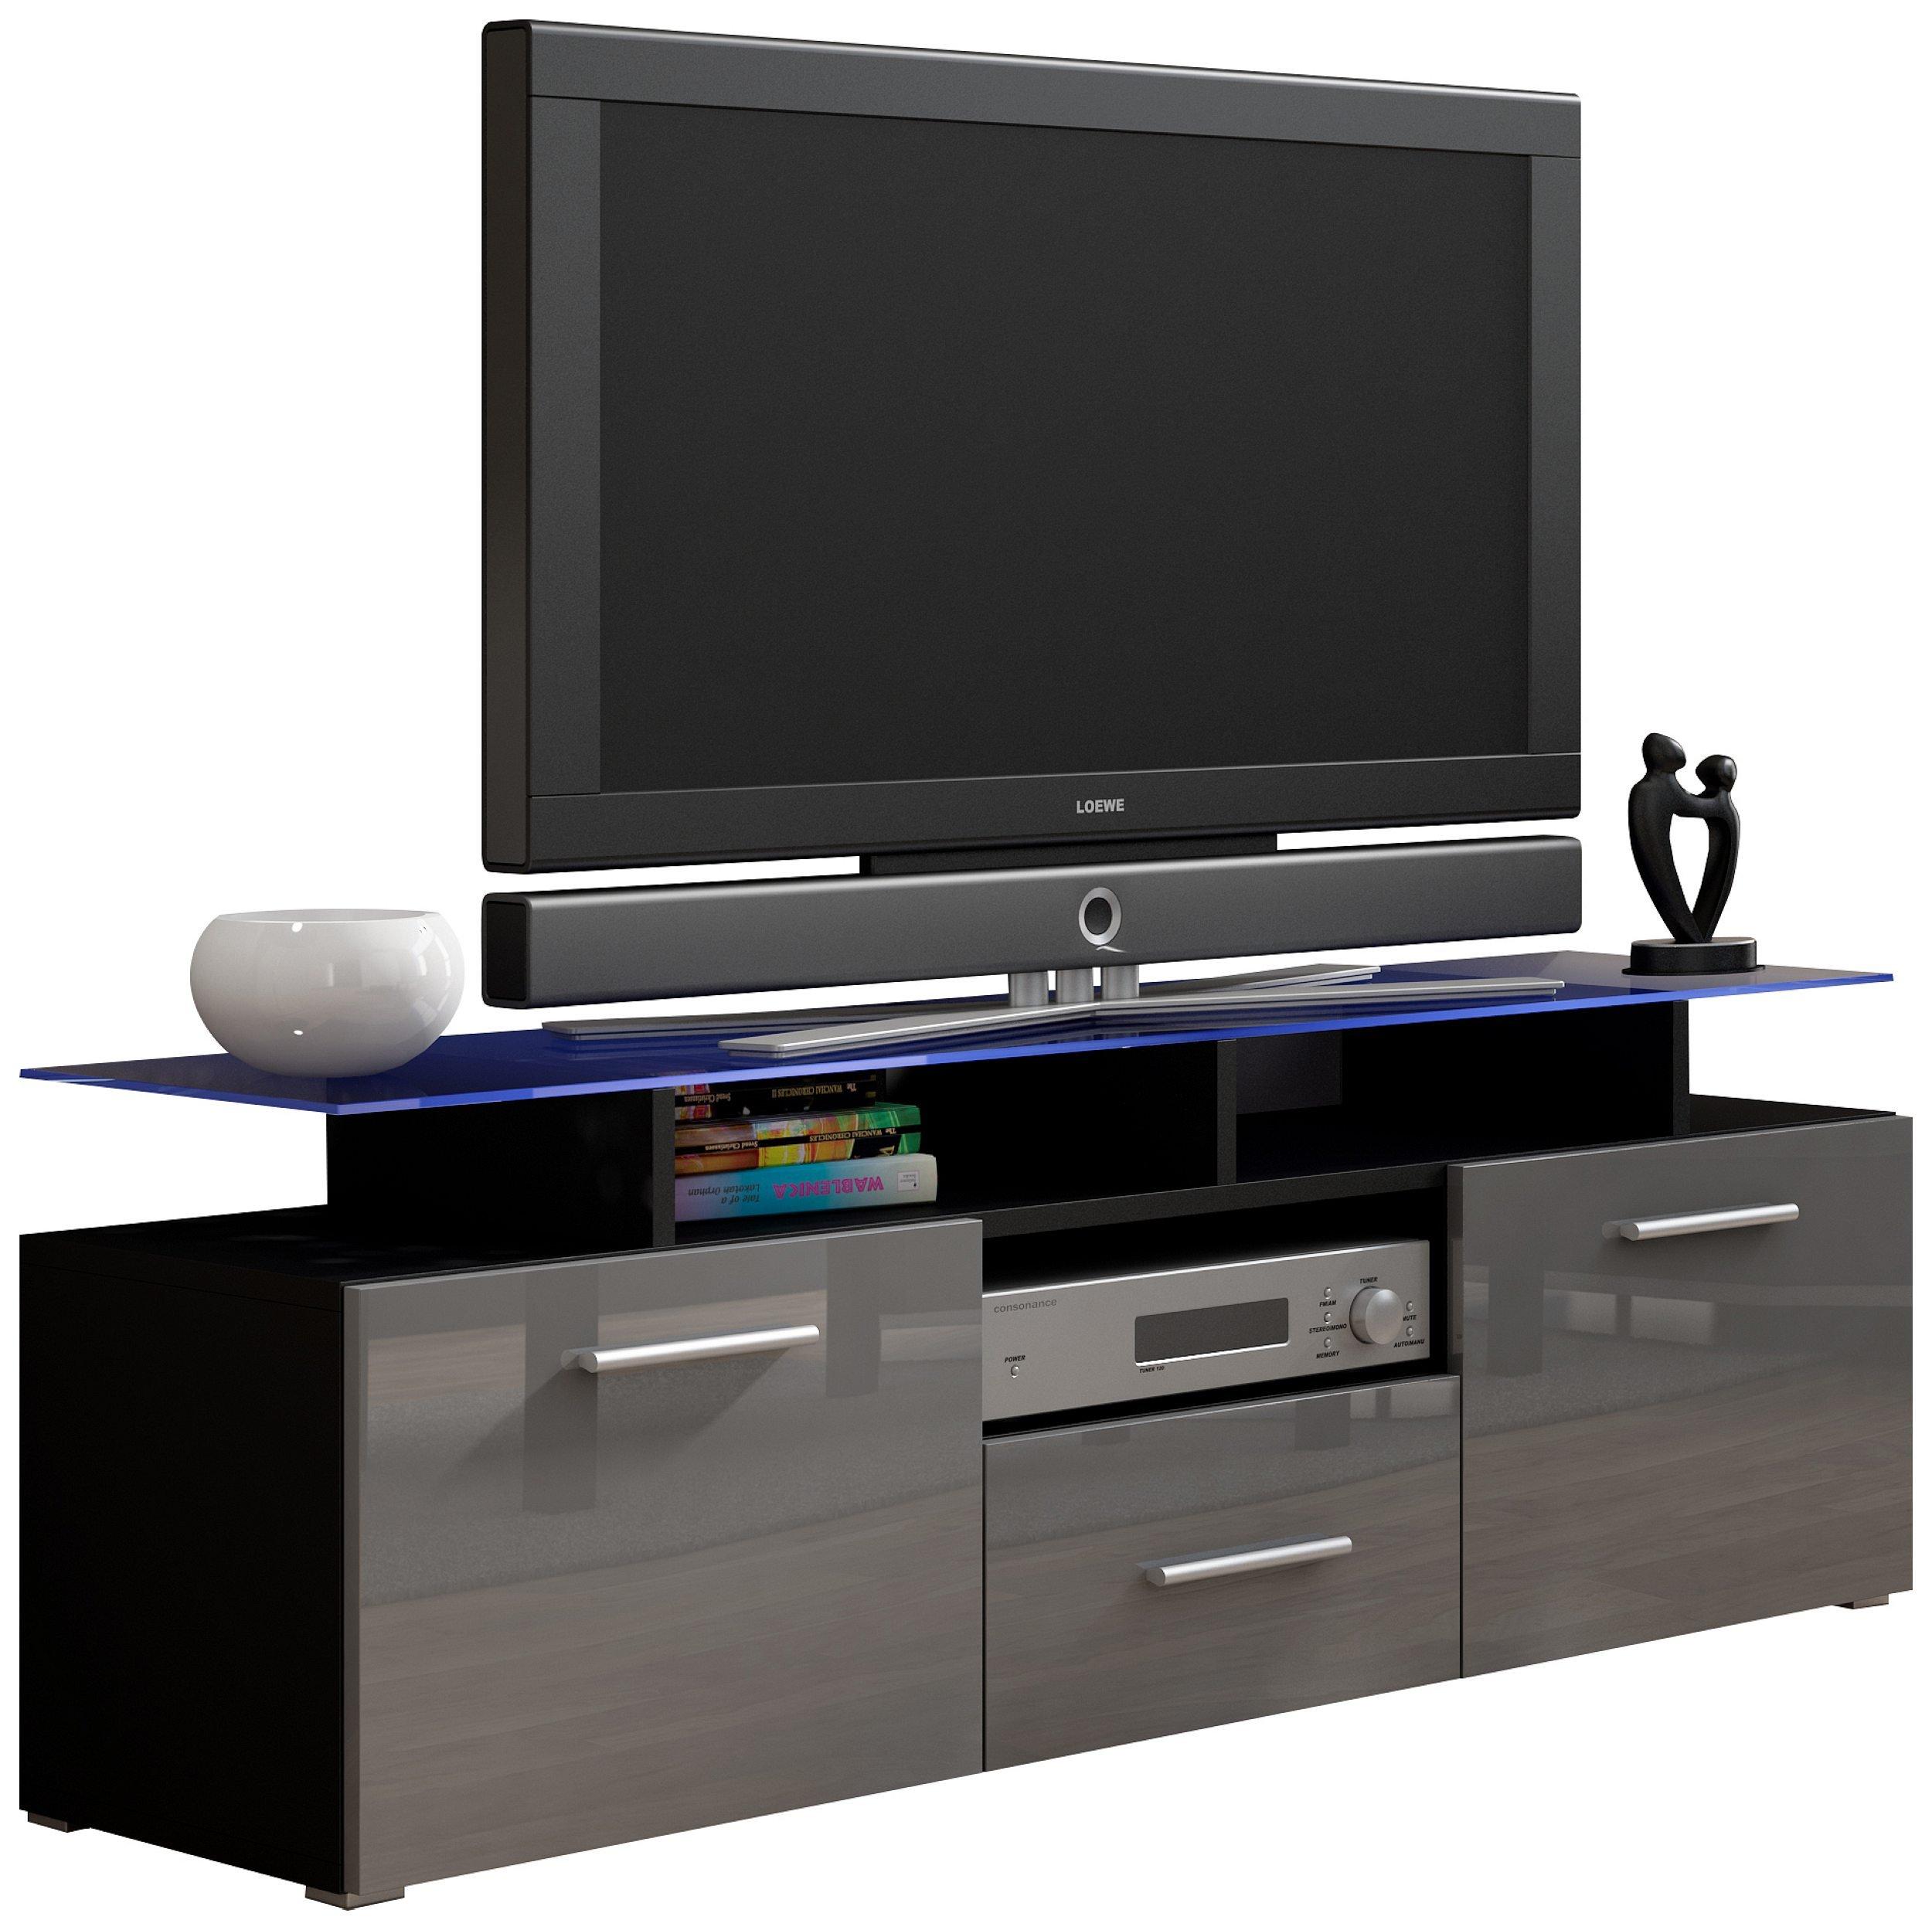 JUSTyou Evoro Mini Mueble para TV Mesa televisión salón 147 cm Color: Negro Gris: Amazon.es: Hogar